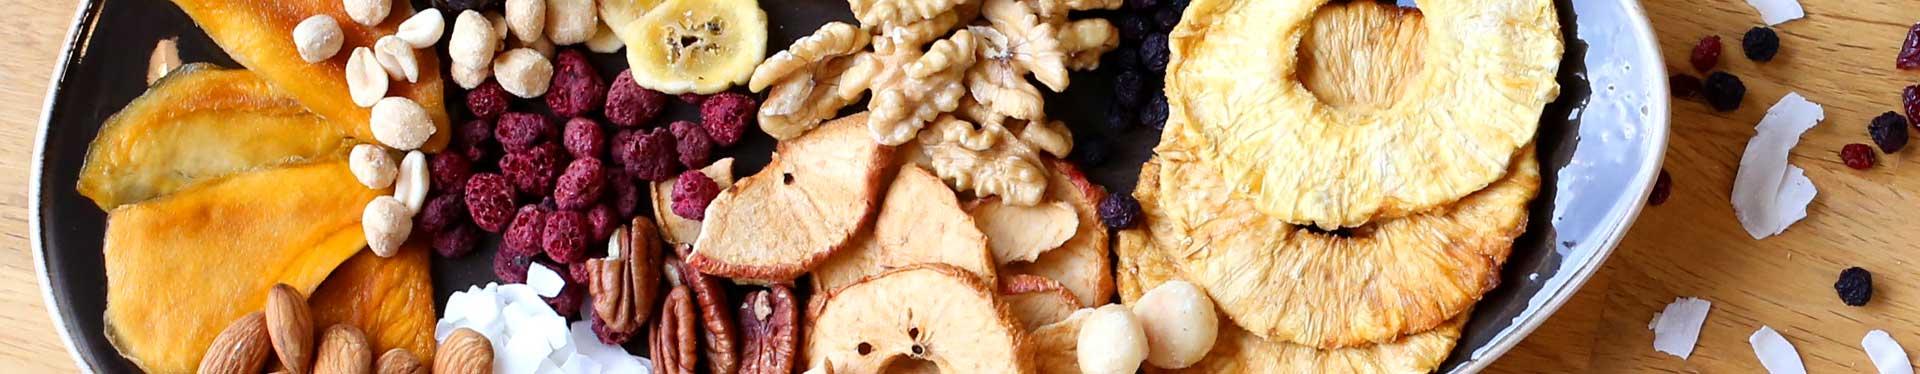 Trockenfrüchte & Nüsse